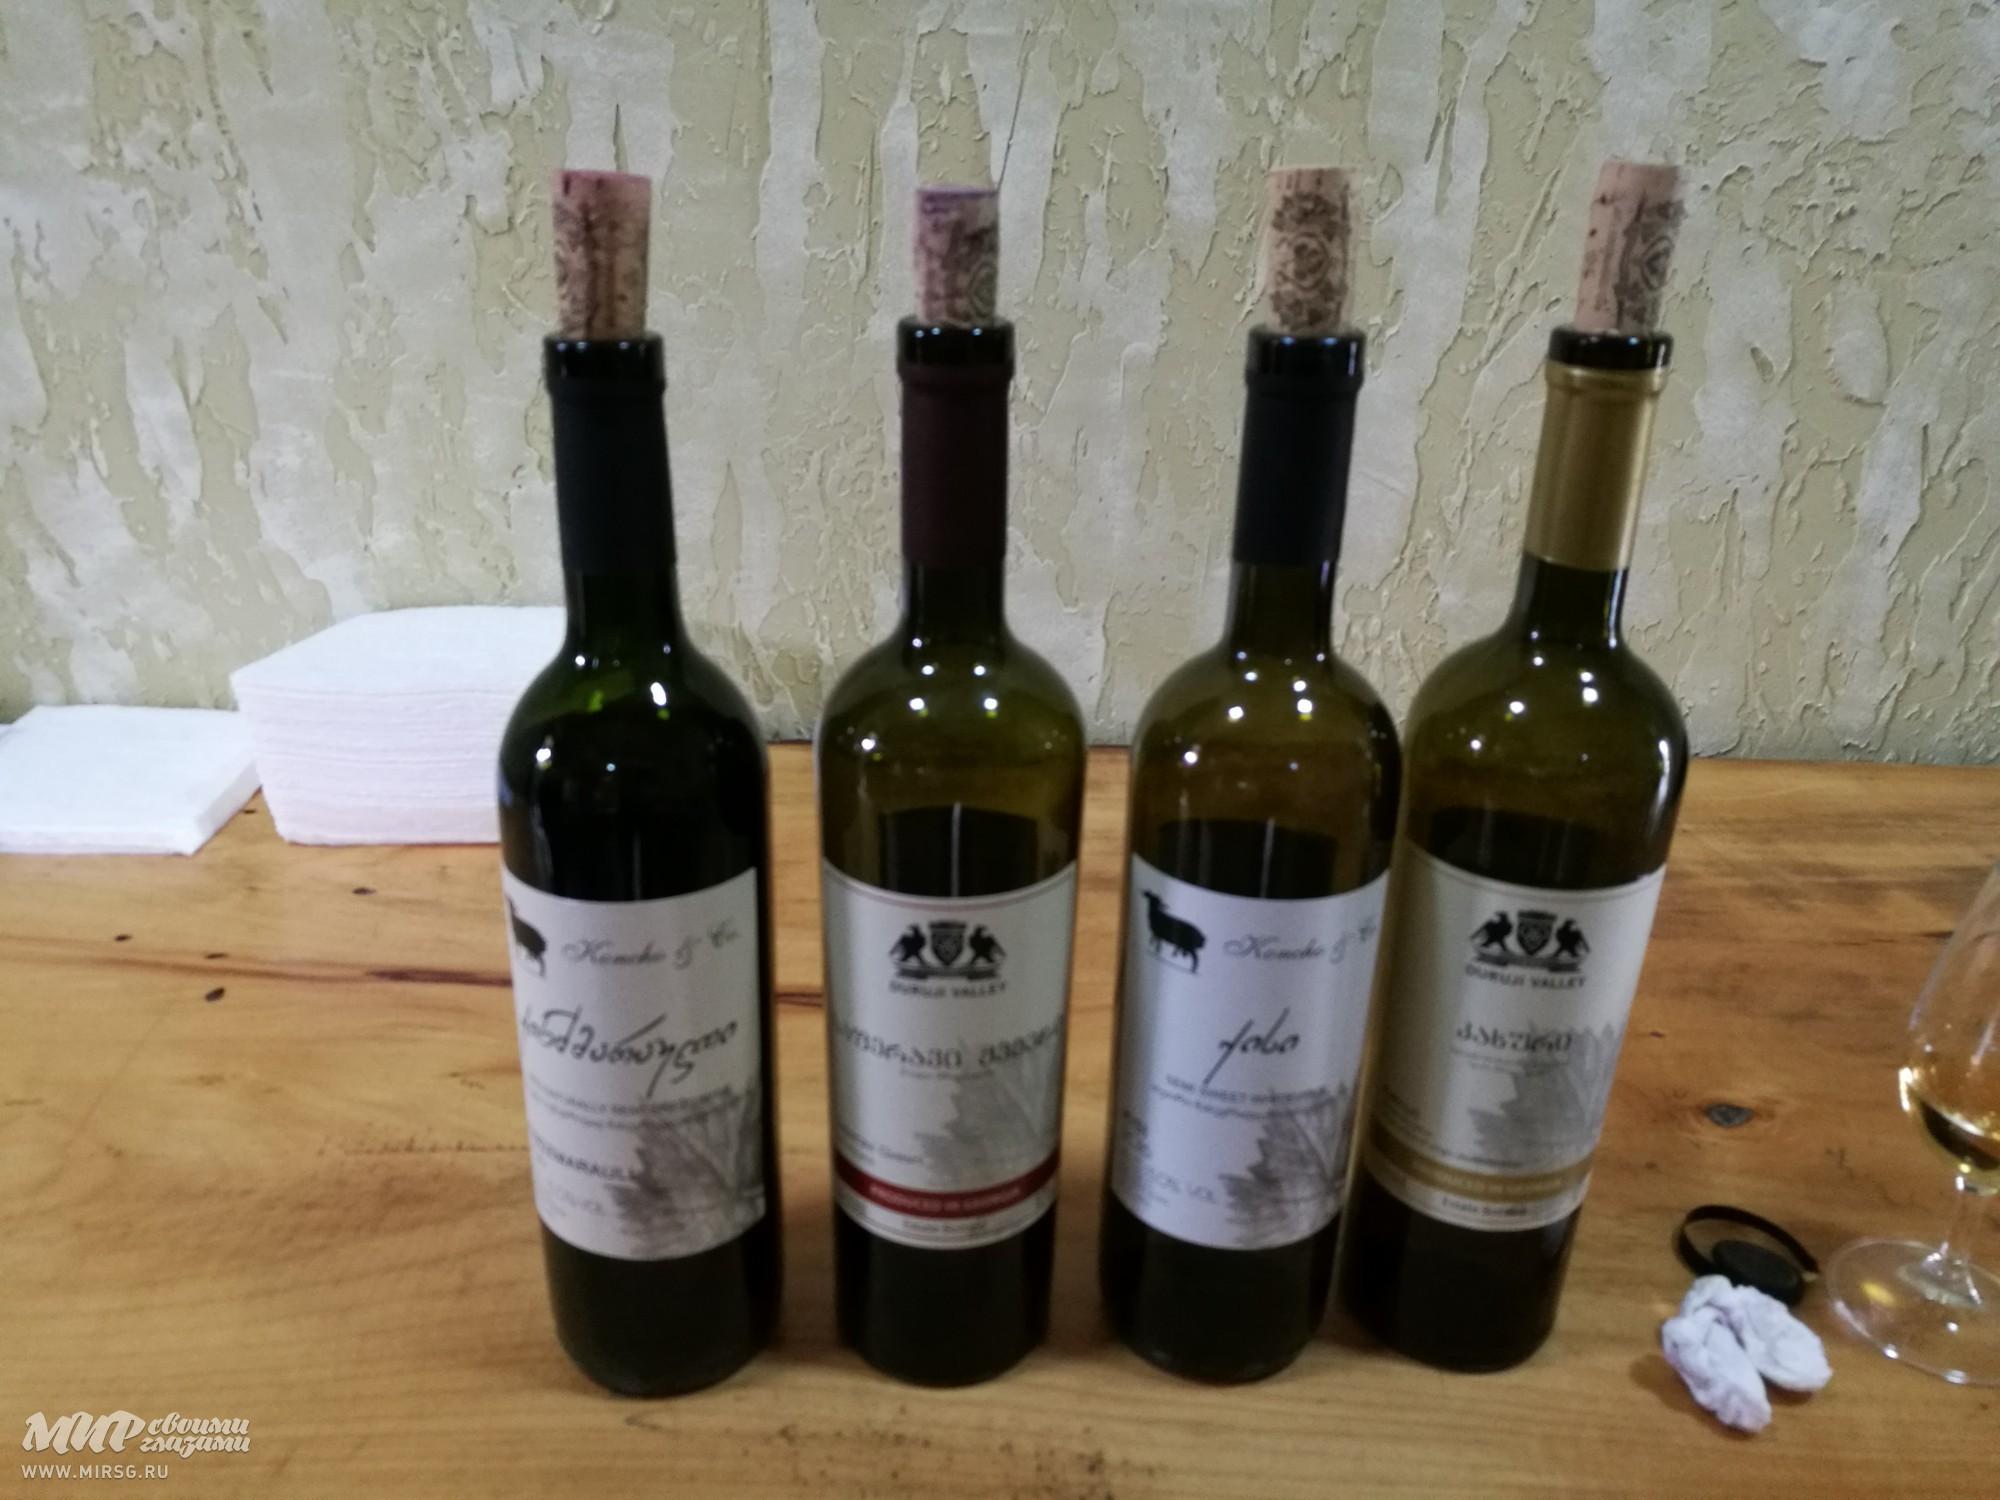 Белое сухое вино Гурджаани для истинных ценителей вкуса